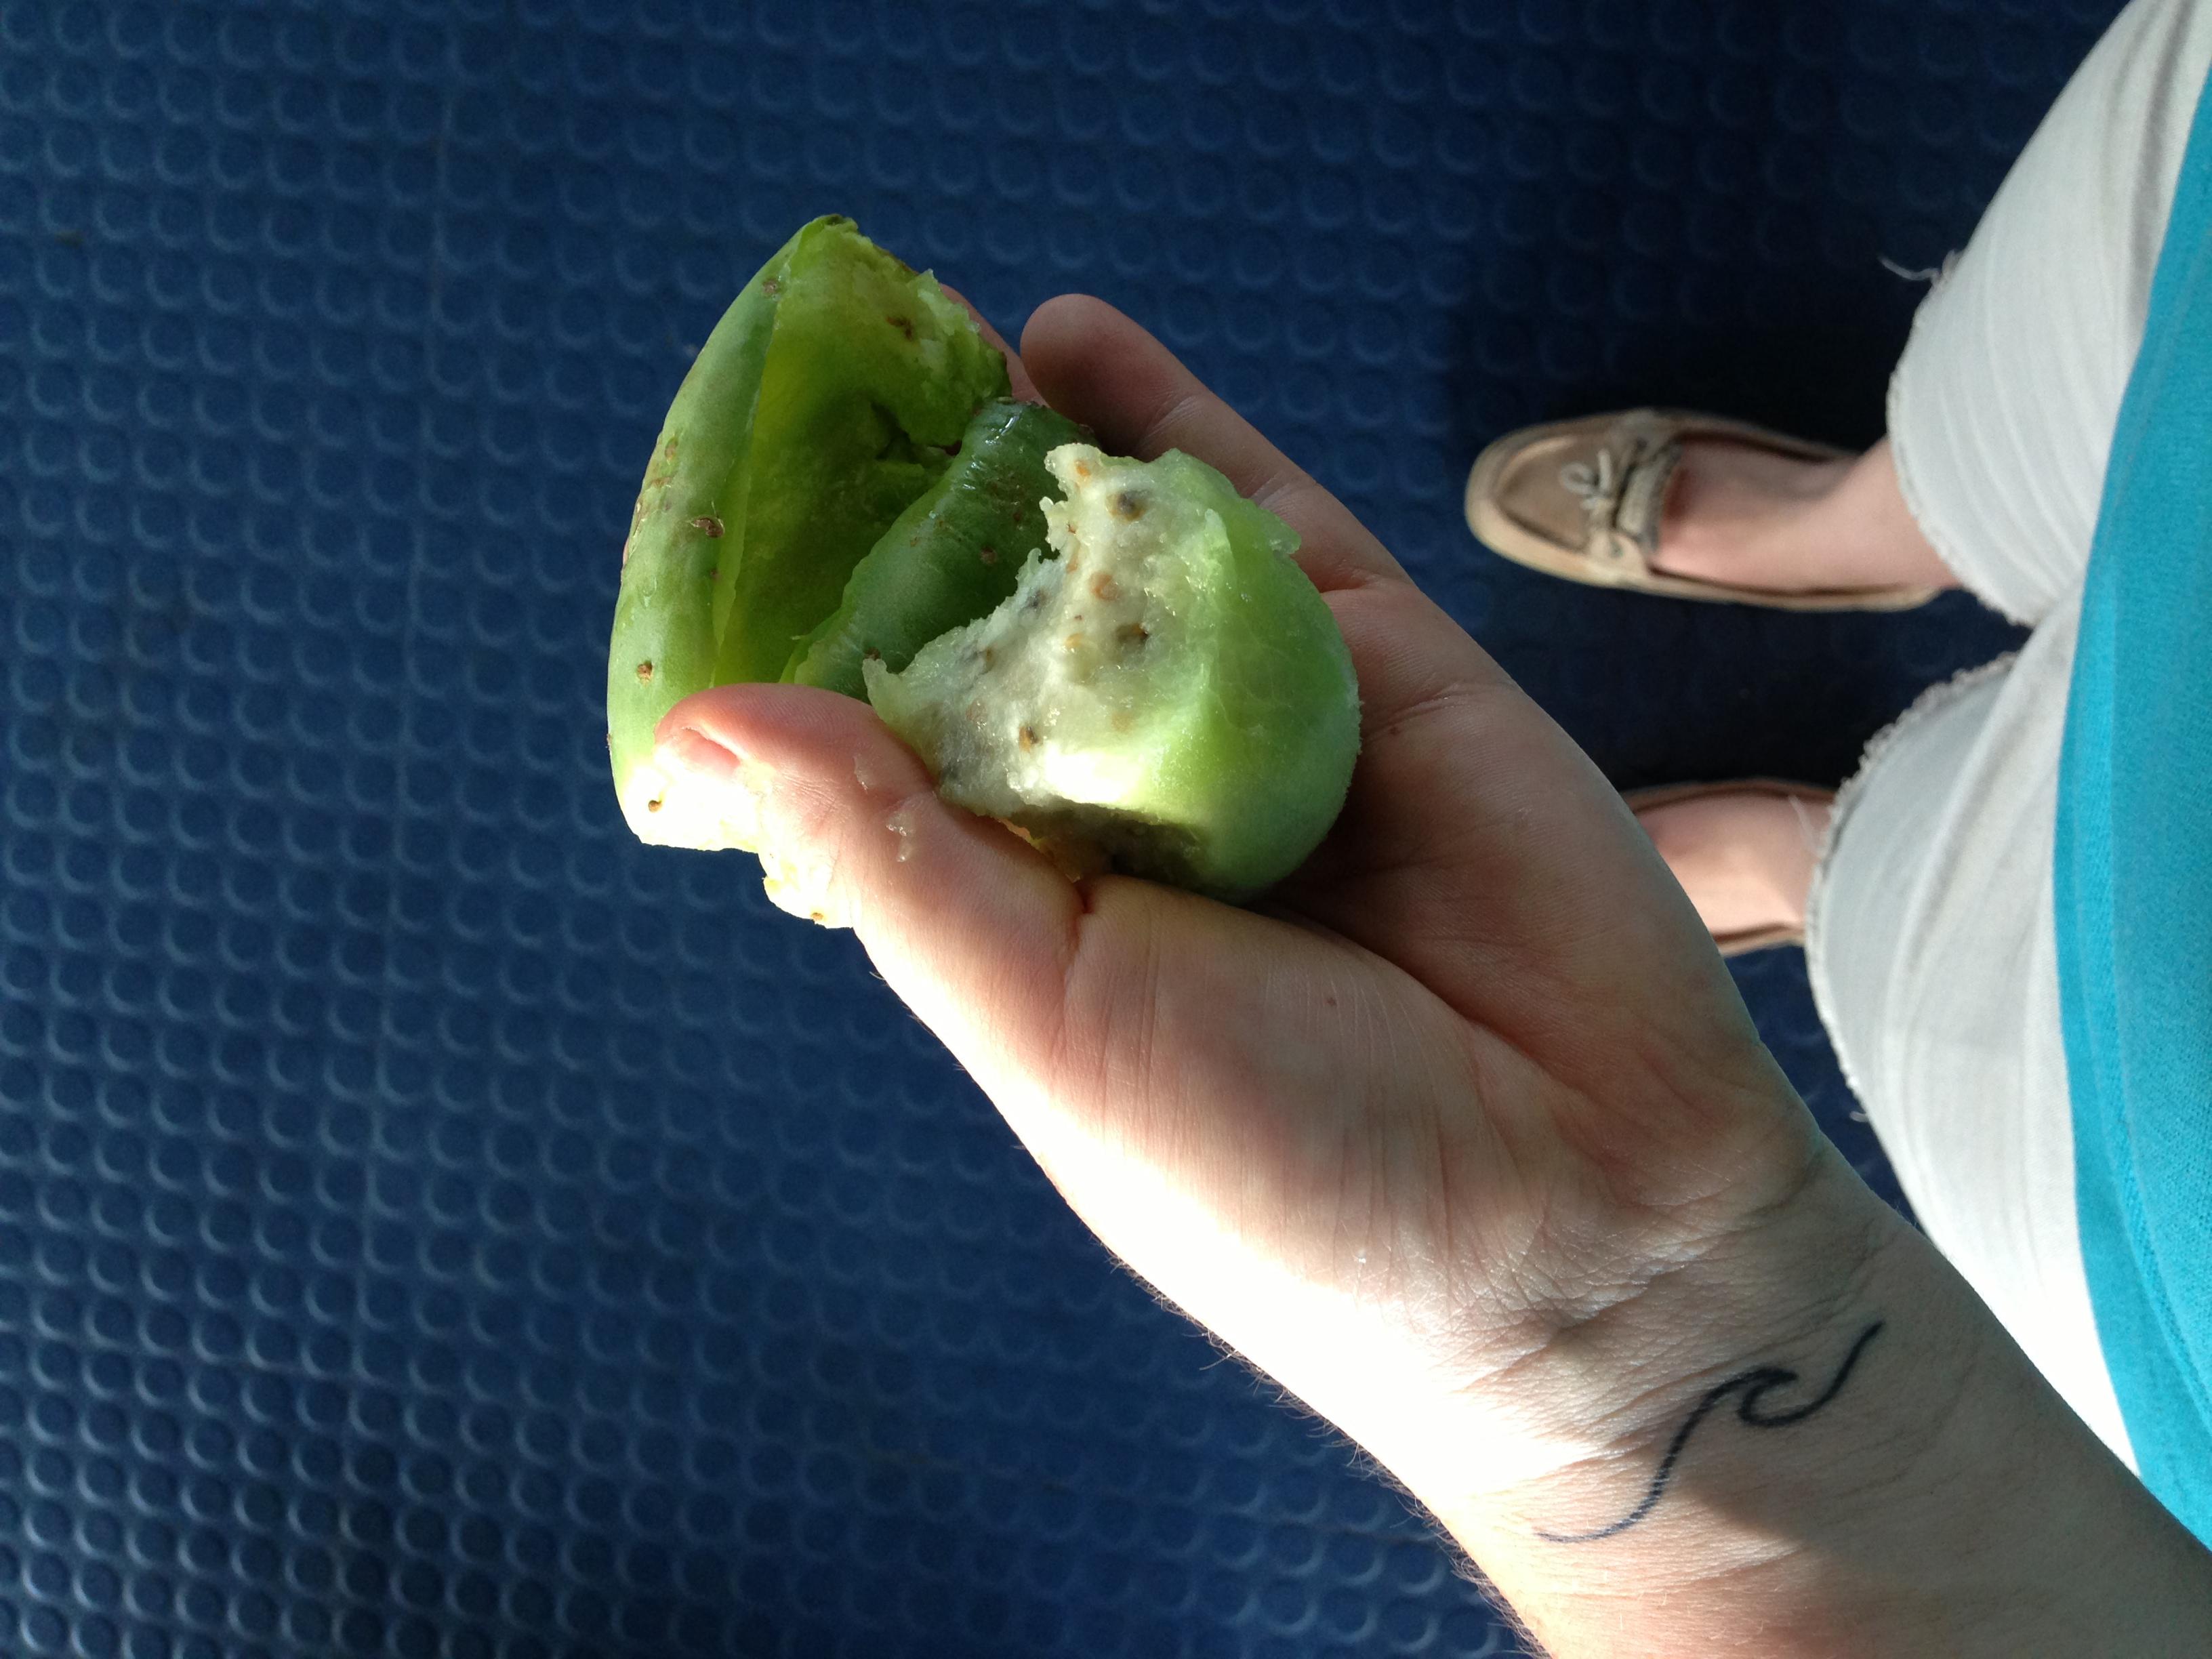 cactus fruit?